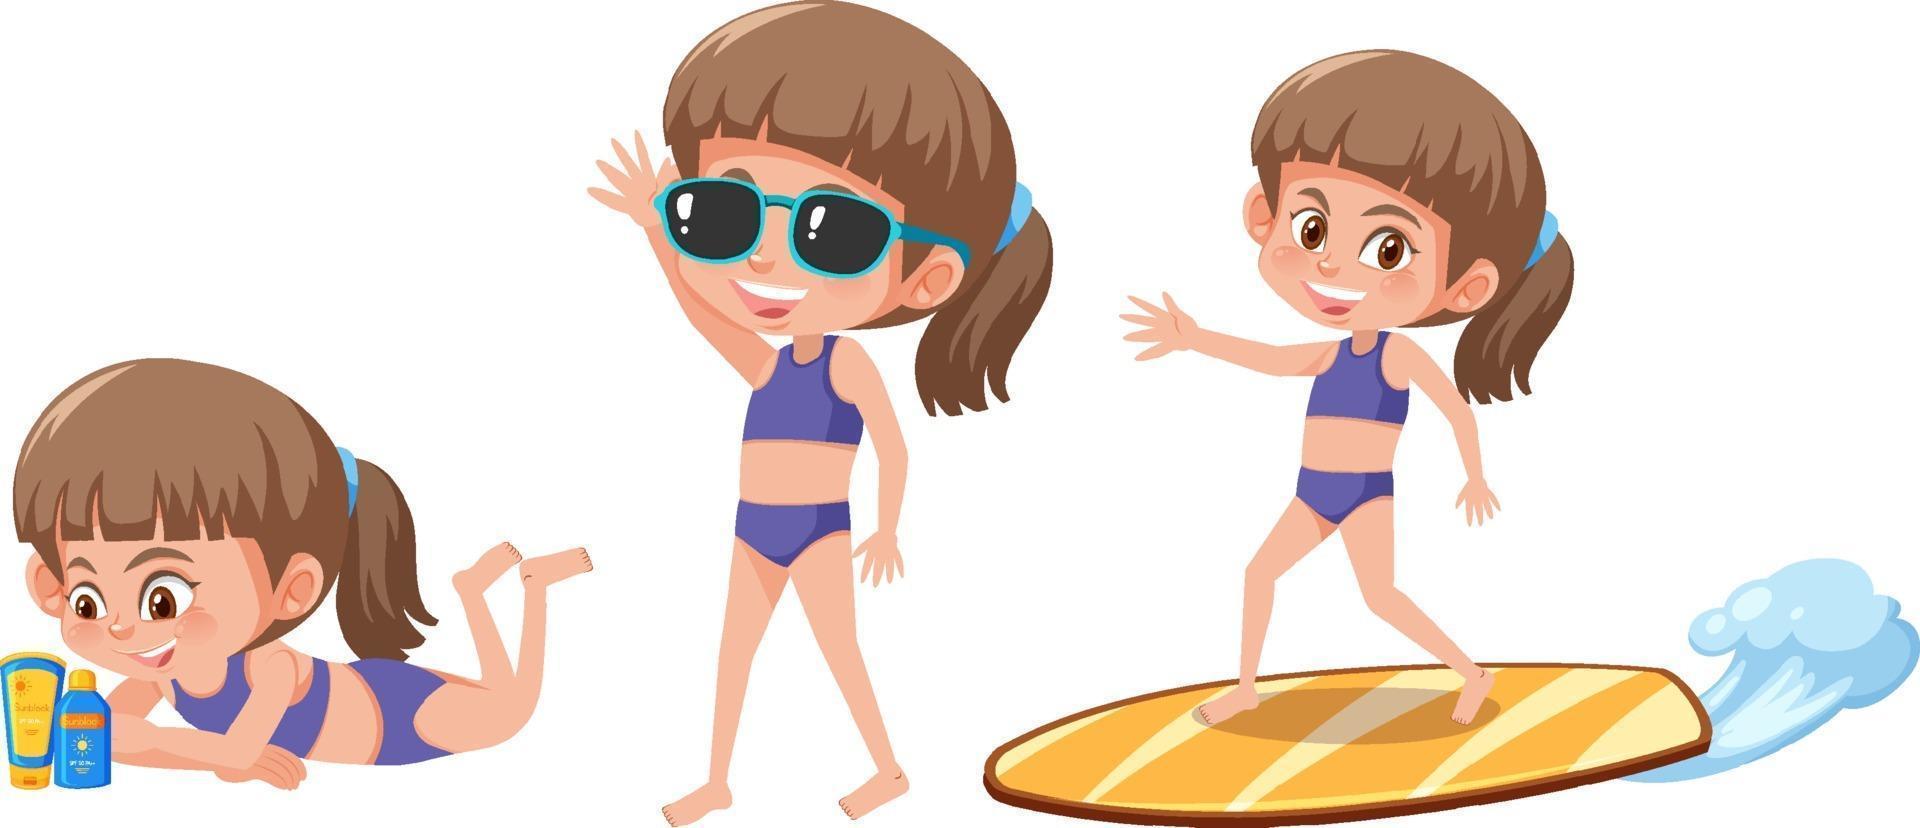 Satz einer Mädchenzeichentrickfigur mit verschiedenen Positionen im Sommerthema vektor